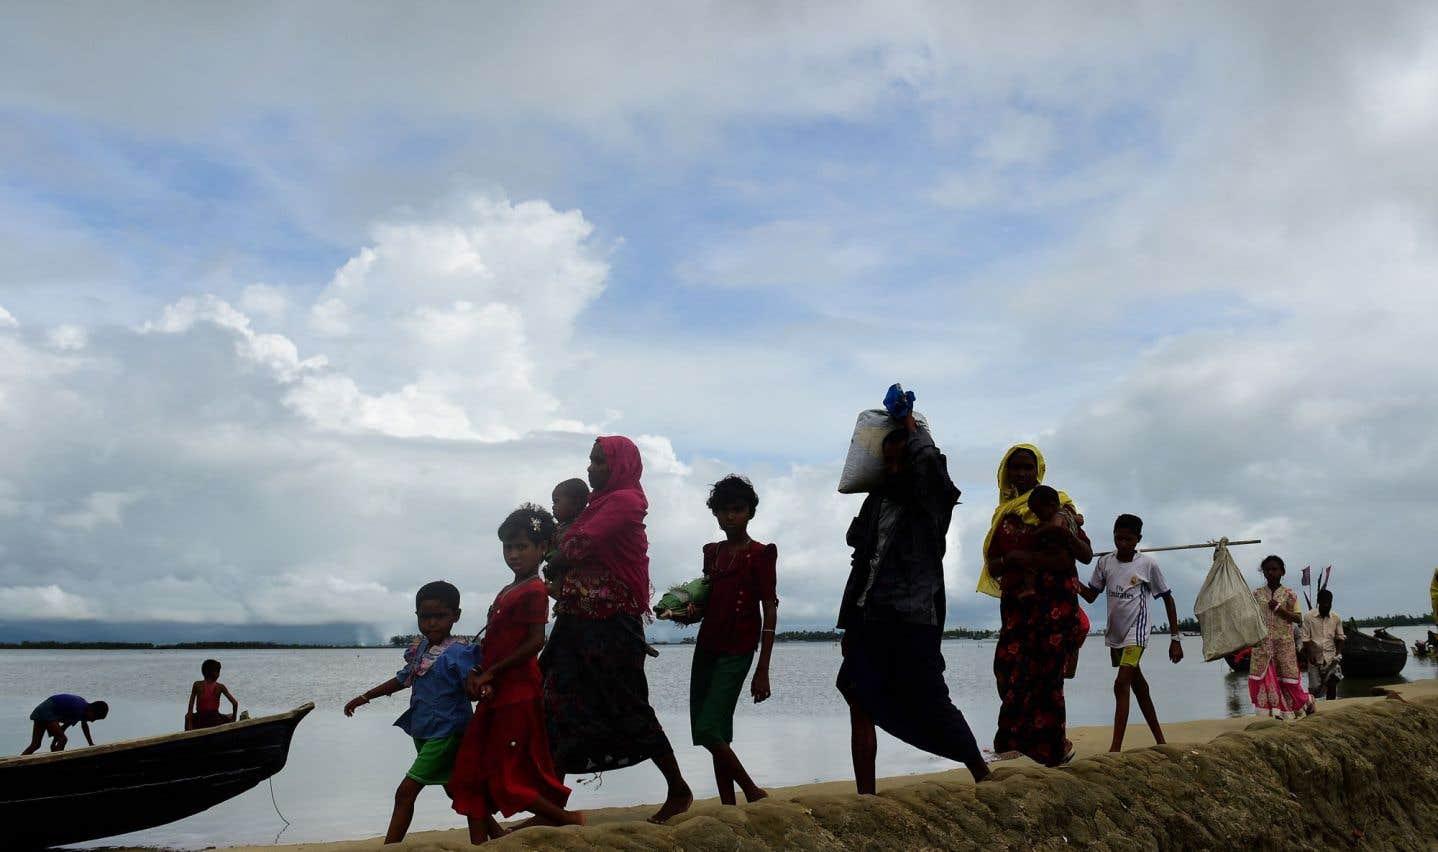 Le Bangladesh songe à déménager les réfugiés rohingyas sur une île déserte